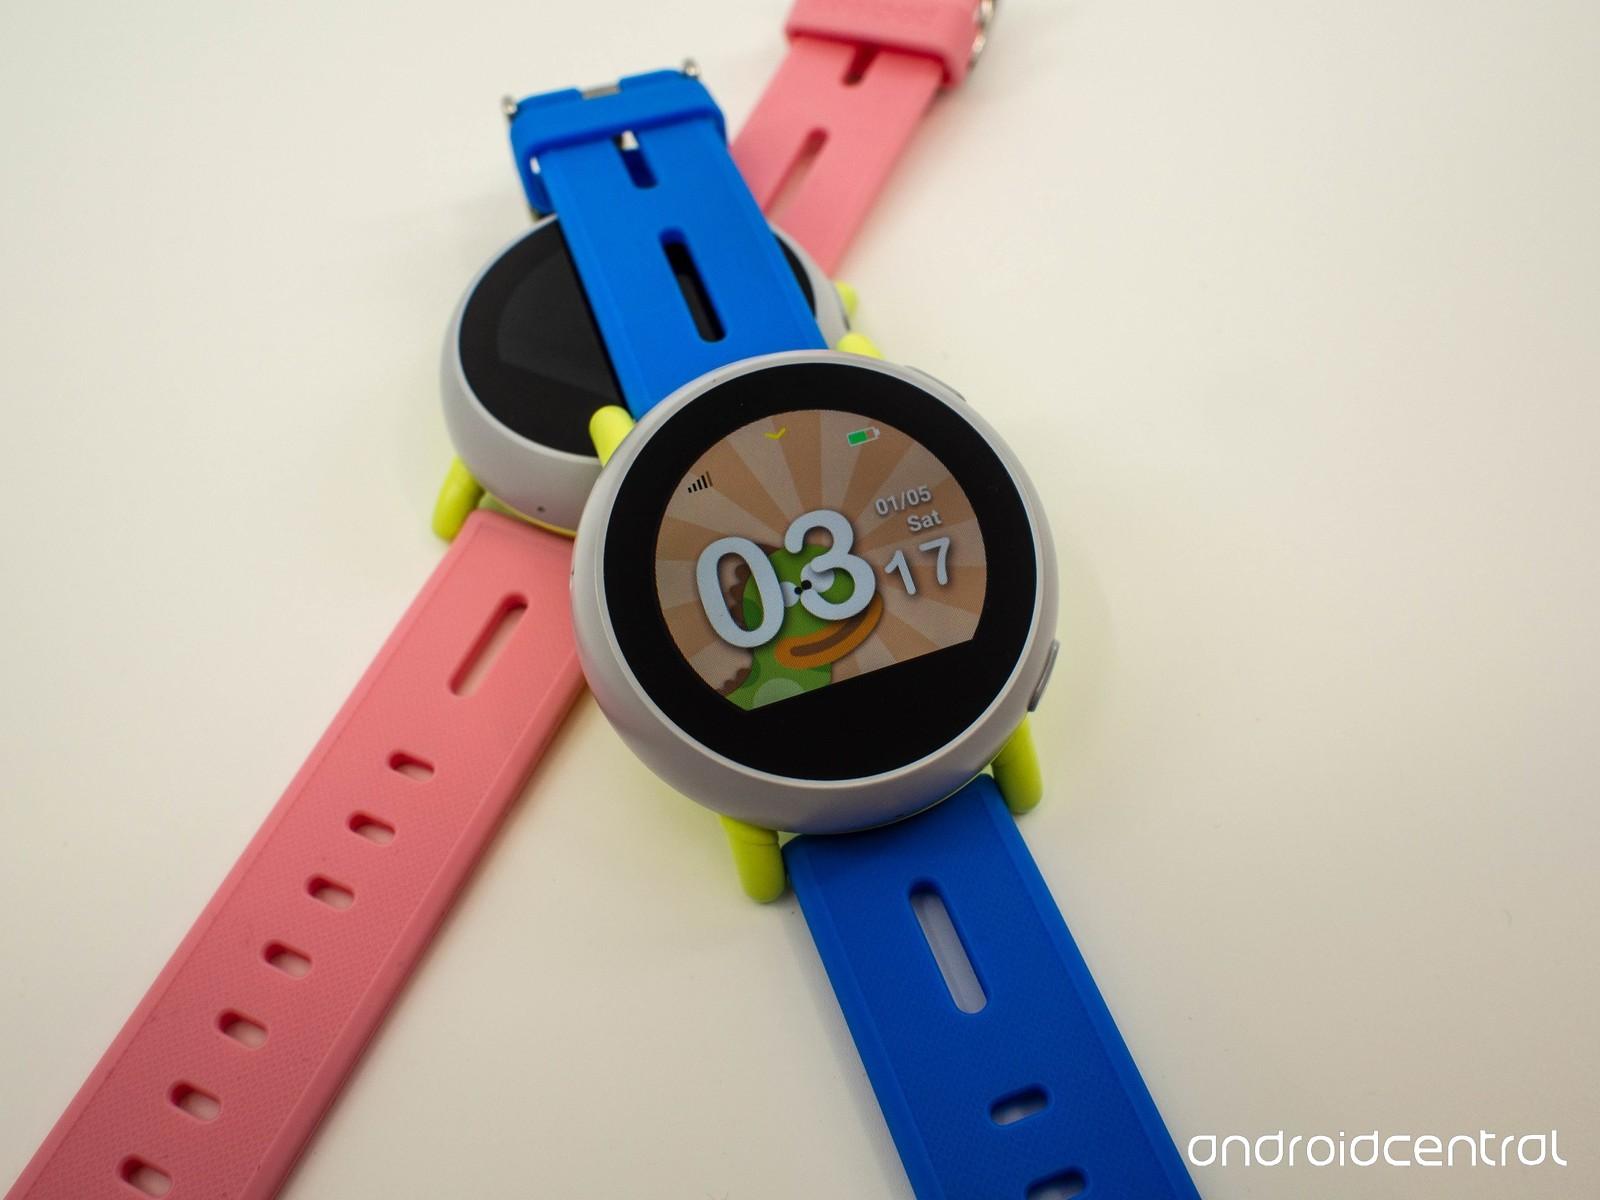 Coolpad Dyno aneb hodinky přizpůsobeny dětem